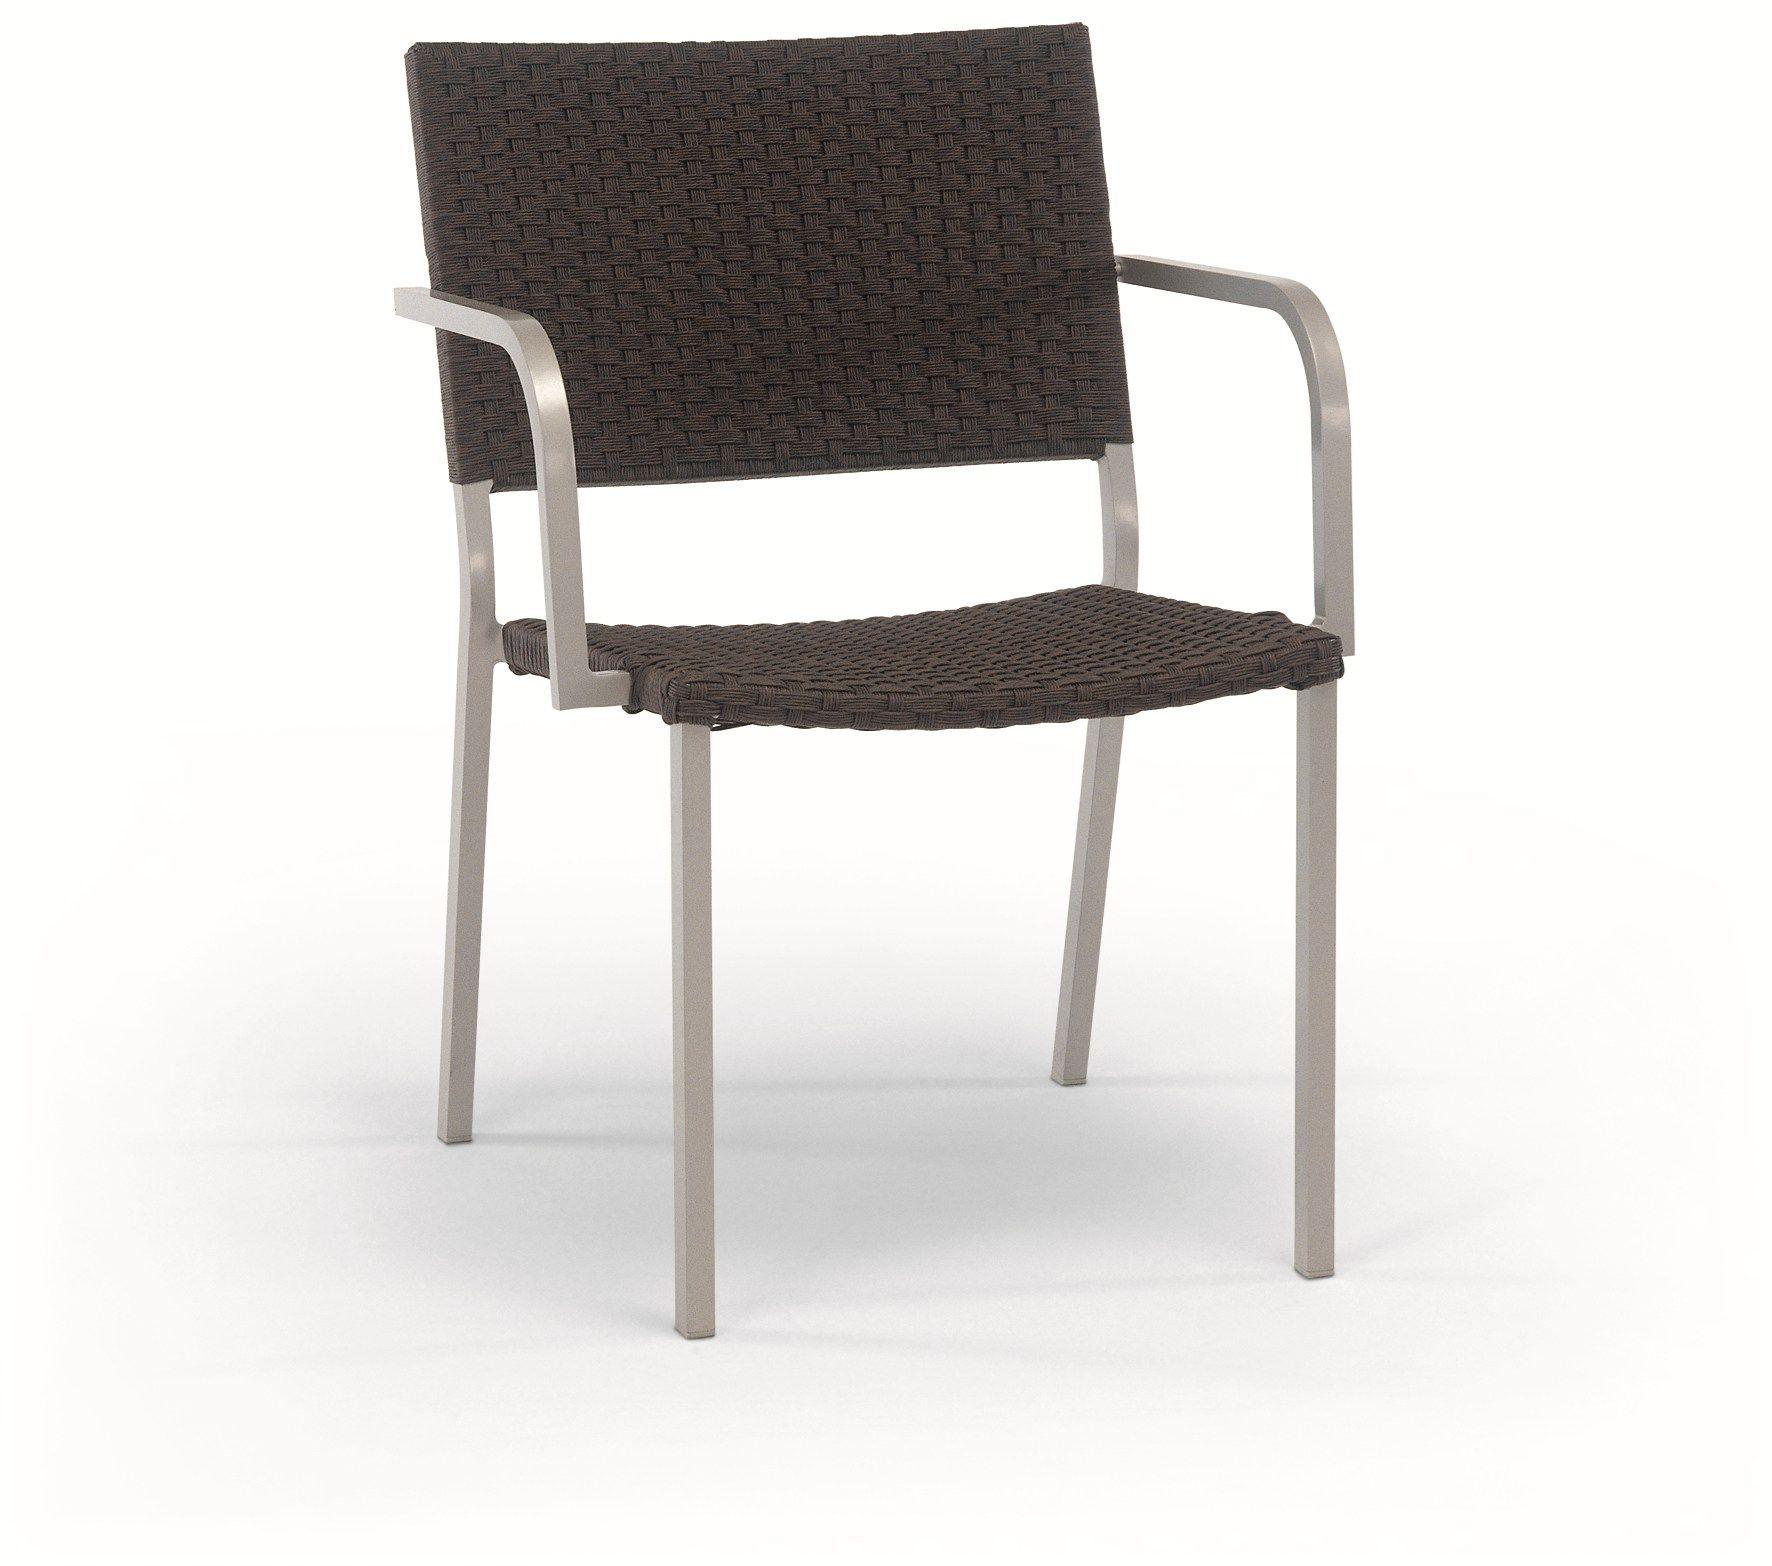 adria garden chair by fischer m bel design wolfgang c r. Black Bedroom Furniture Sets. Home Design Ideas